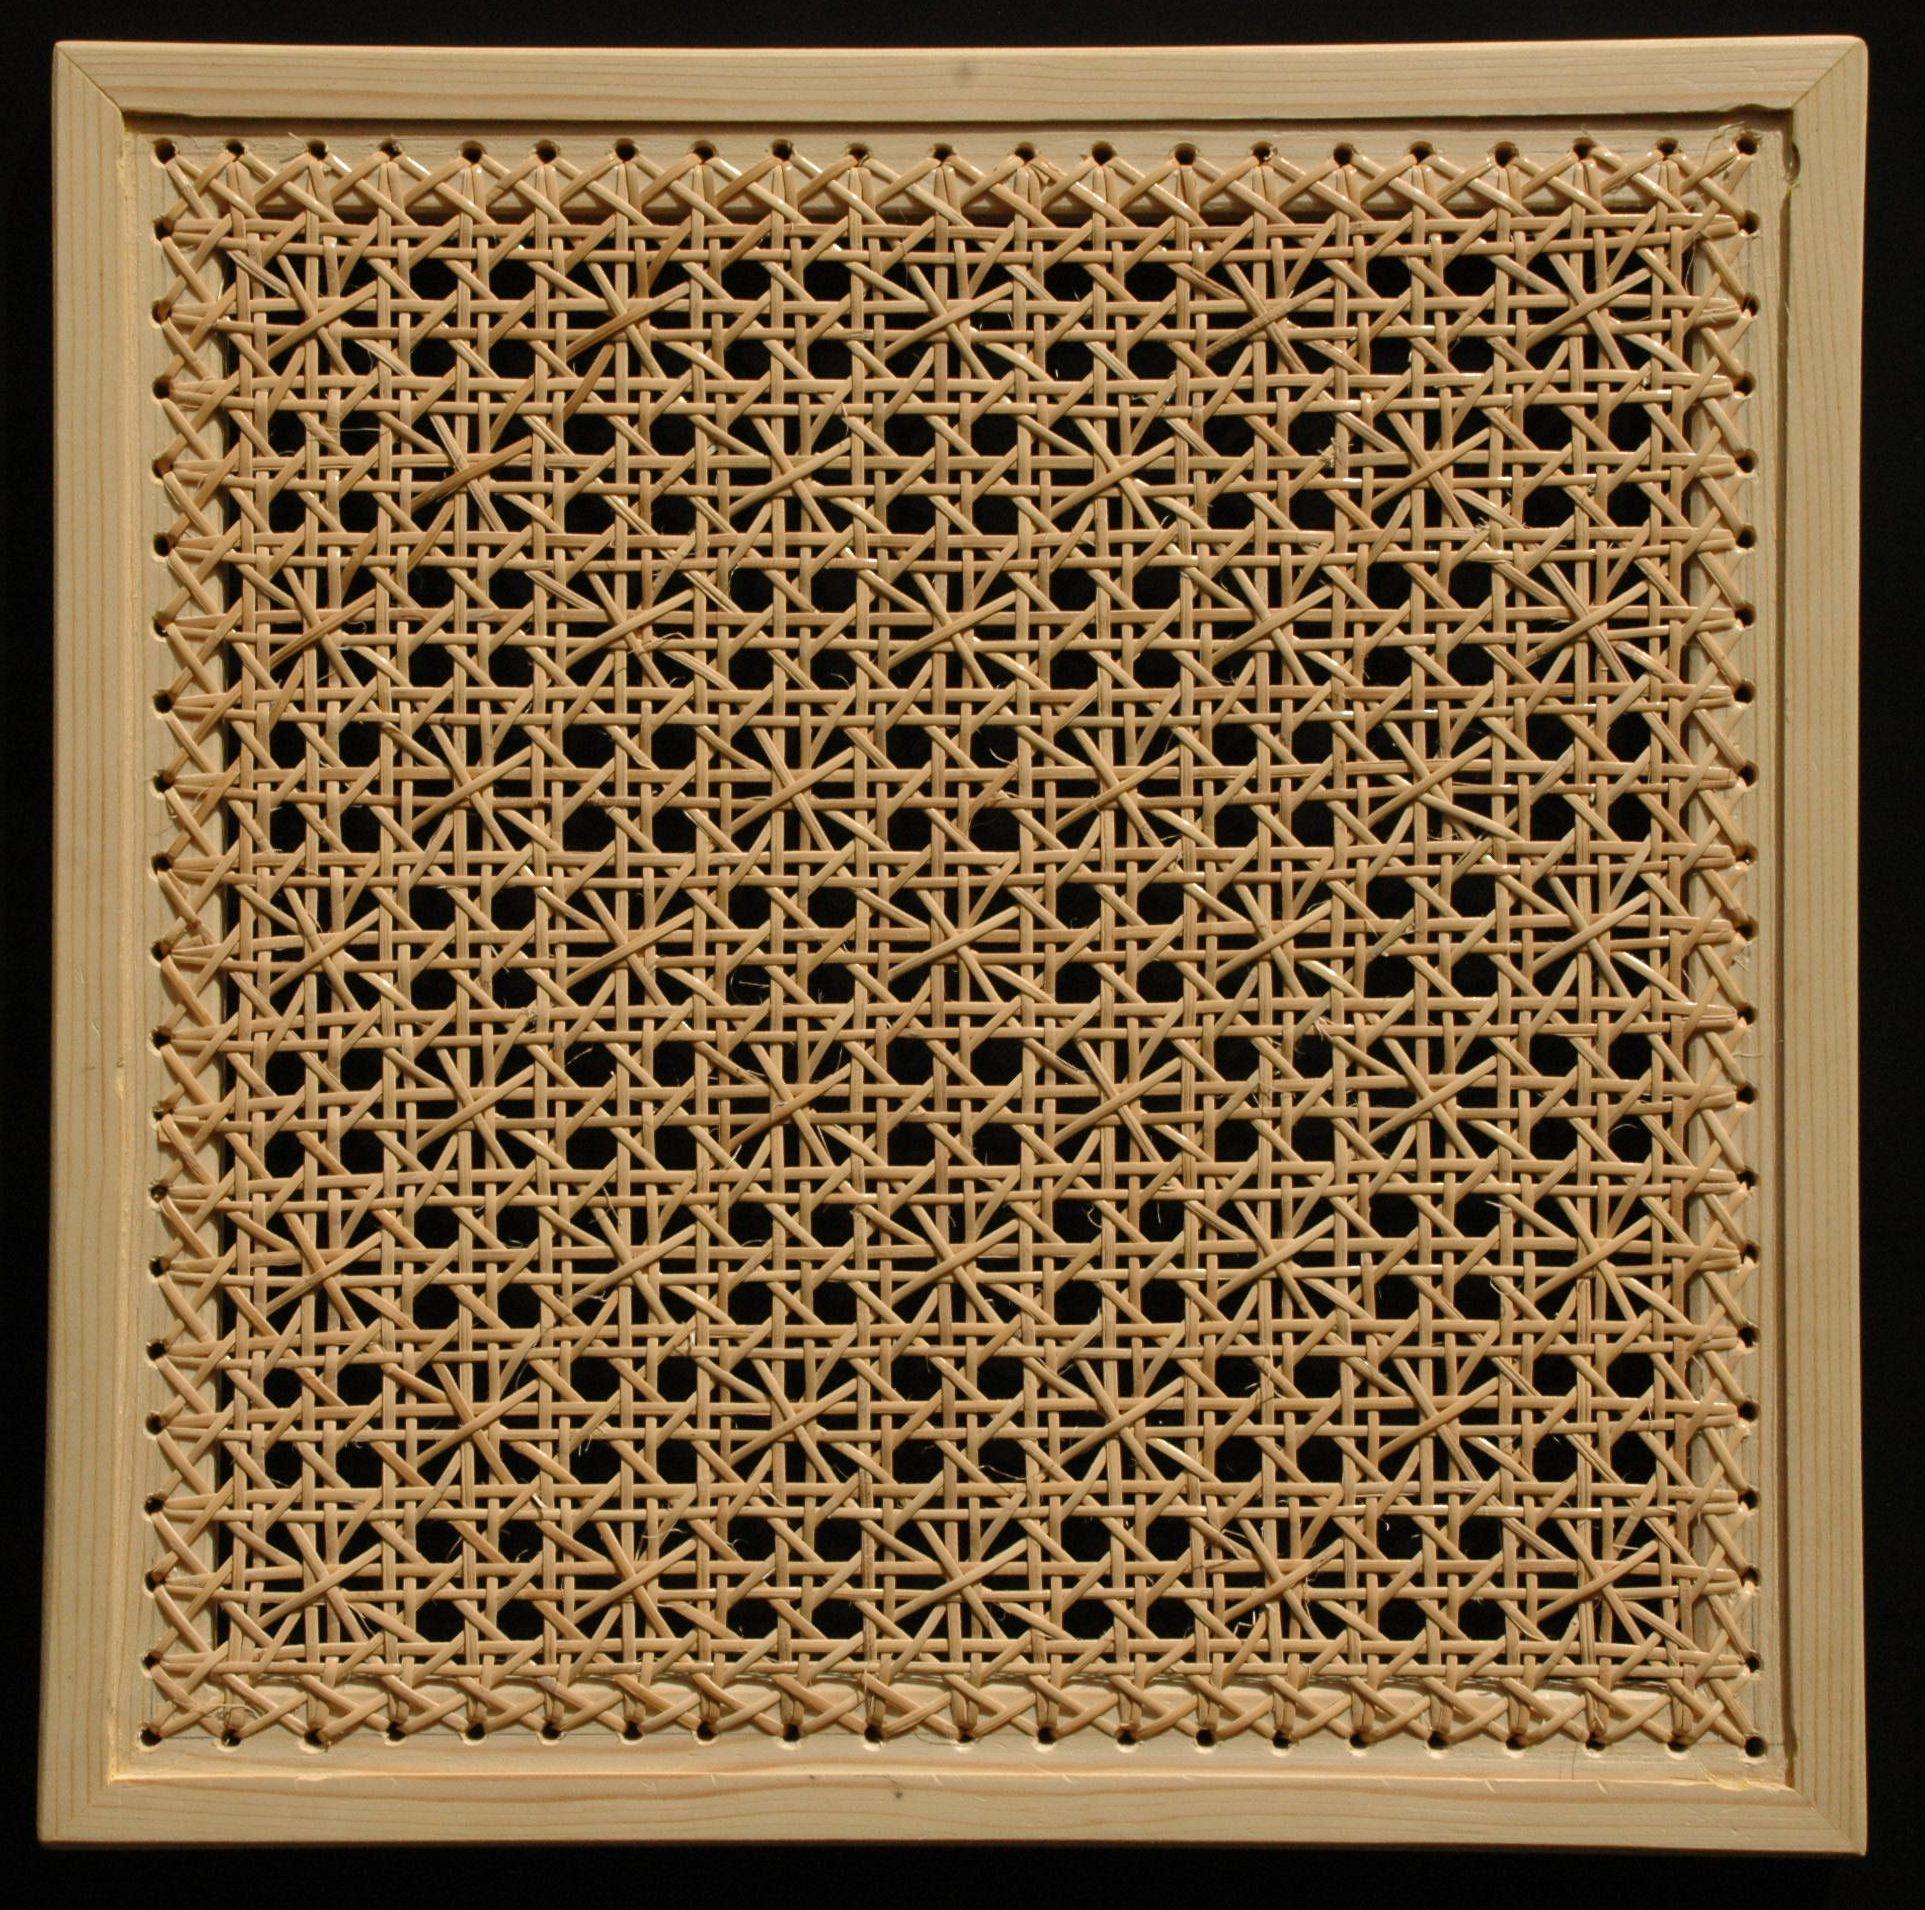 gaatjesmat margriet patroon met rotan gevlochten